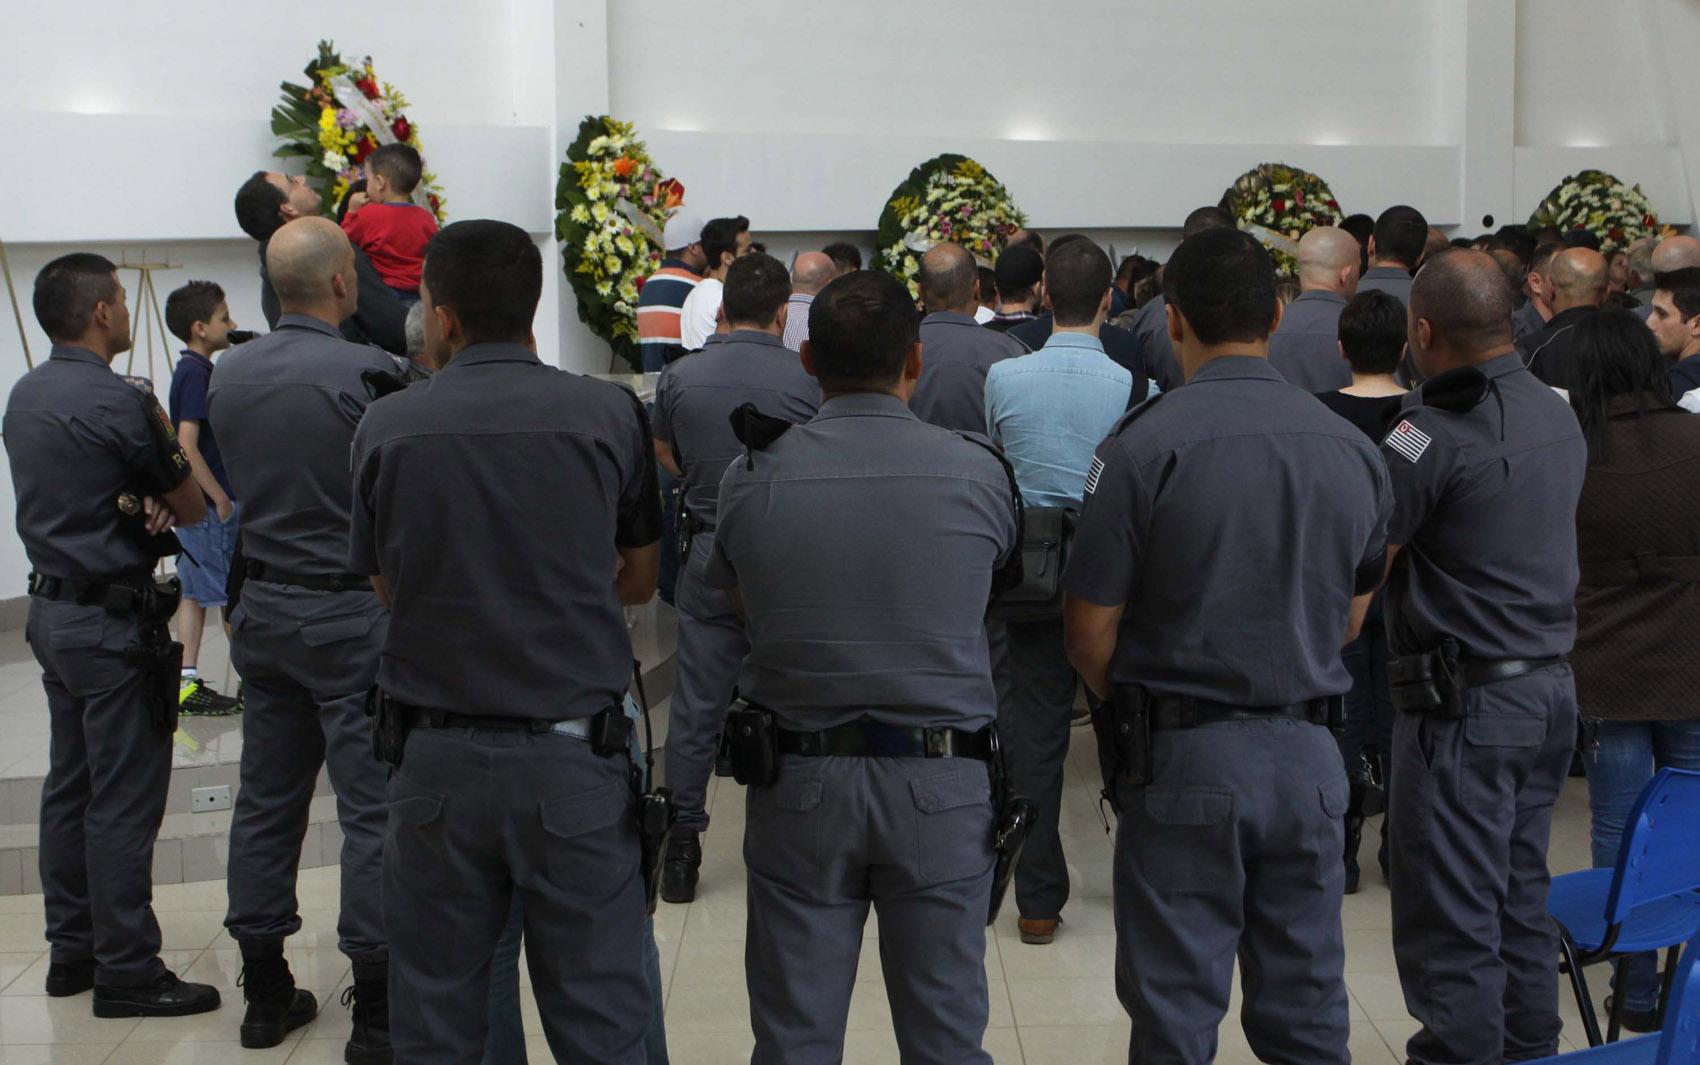 Velório do casal de policiais militares, do filho deles de 12 anos, da avó e da tia no Cemitério Gethsêmani Anhanguera em São Paulo (SP), na tarde desta terça-feira (6).